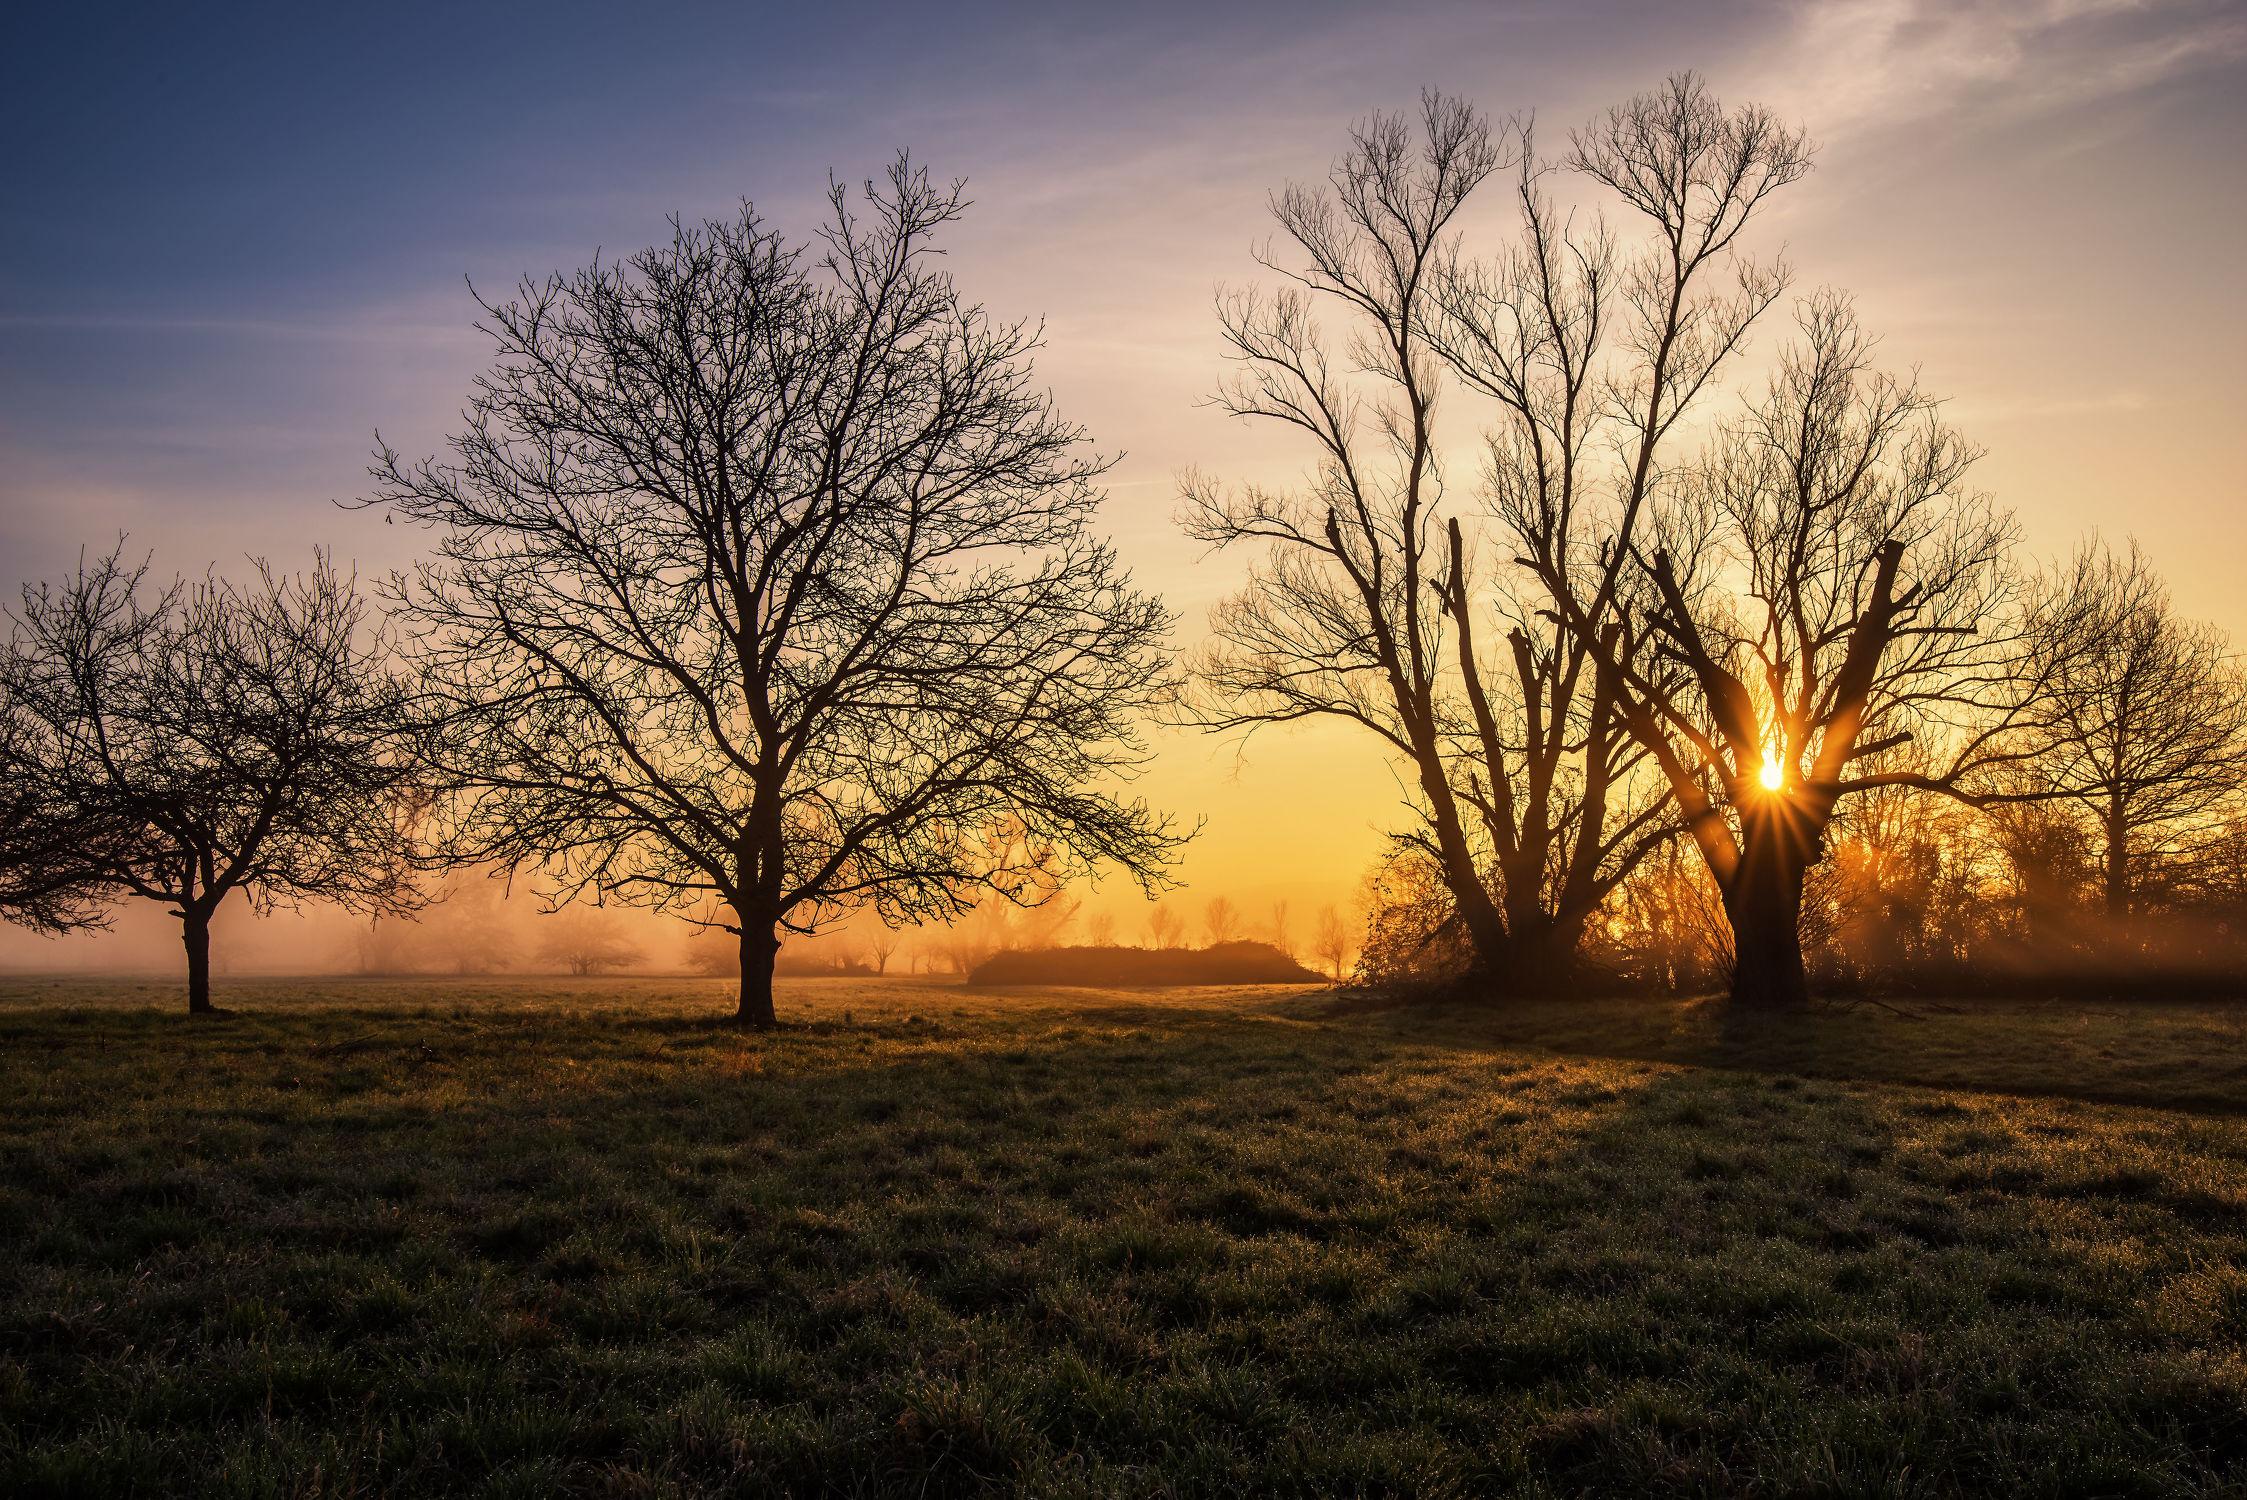 Bild mit Bäume, Jahreszeiten, Sonnenaufgang, Nebel, Sonne, Licht, Ruhe, Felder, Erholung, Wiesen, Entspannen, Schatten, Dunst, Tagesanbruch, Frühjar